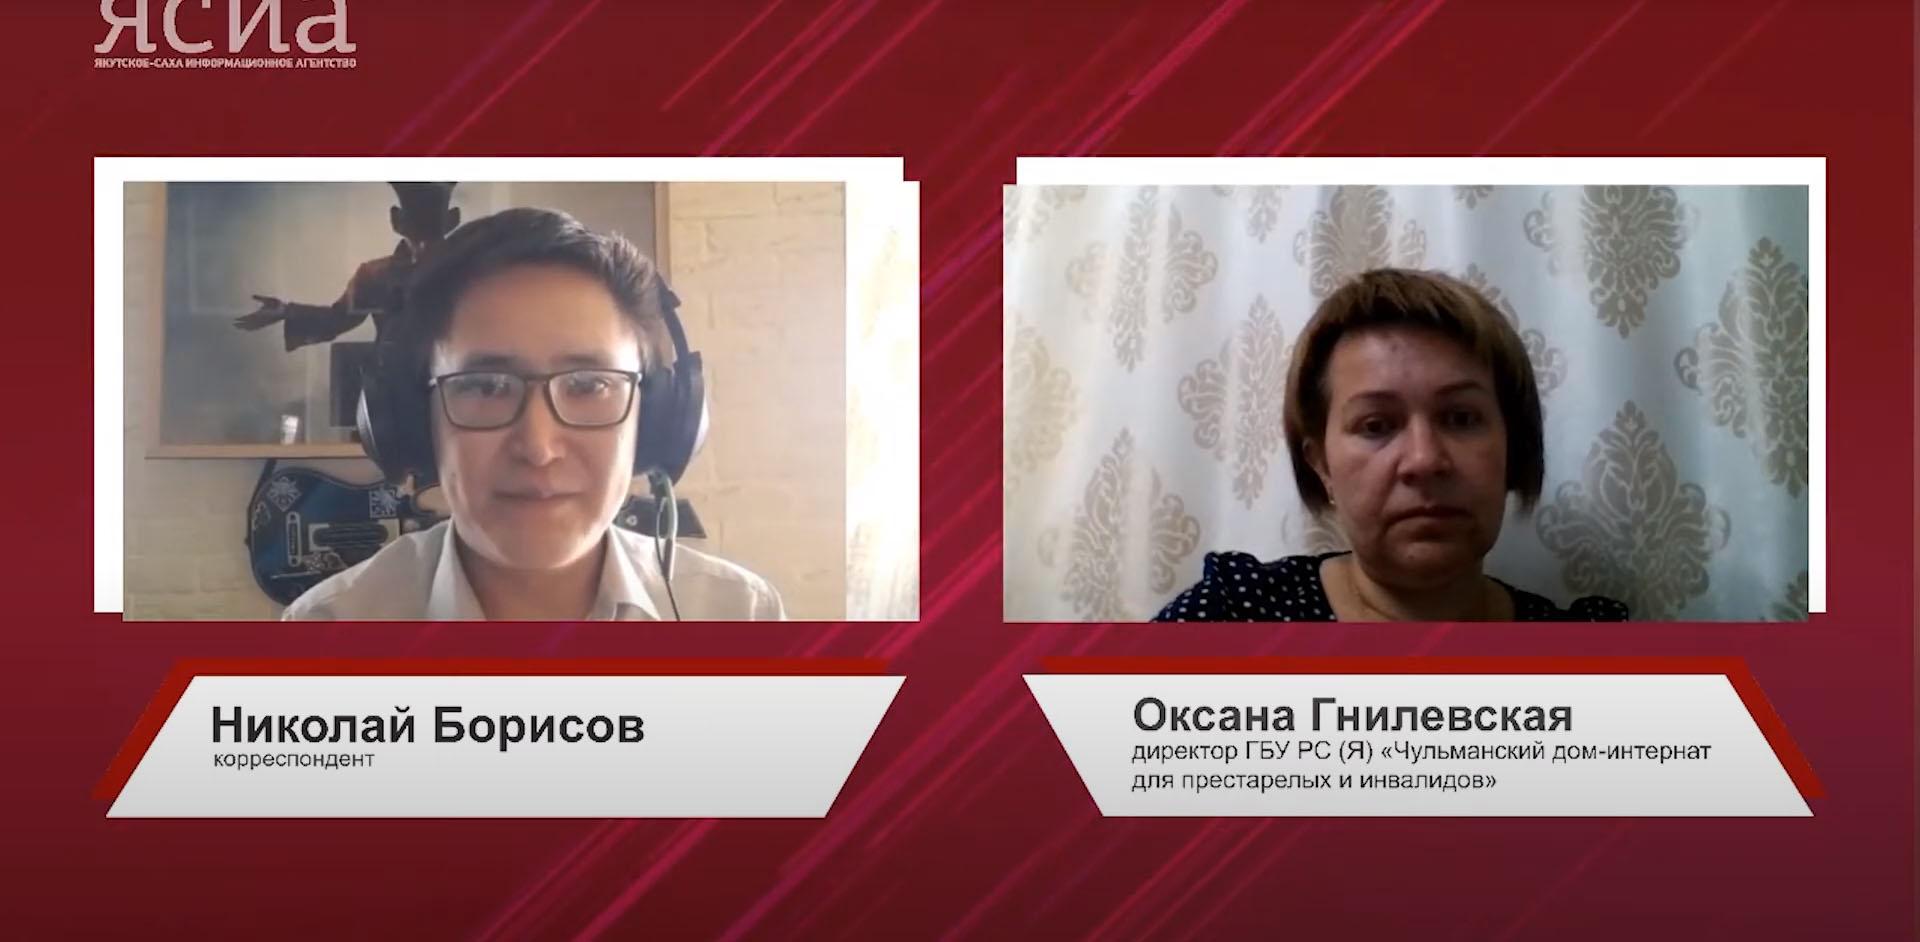 Онлайн-интервью: Директор Чульманского интерната для престарелых и инвалидов о коронавирусной безопасности